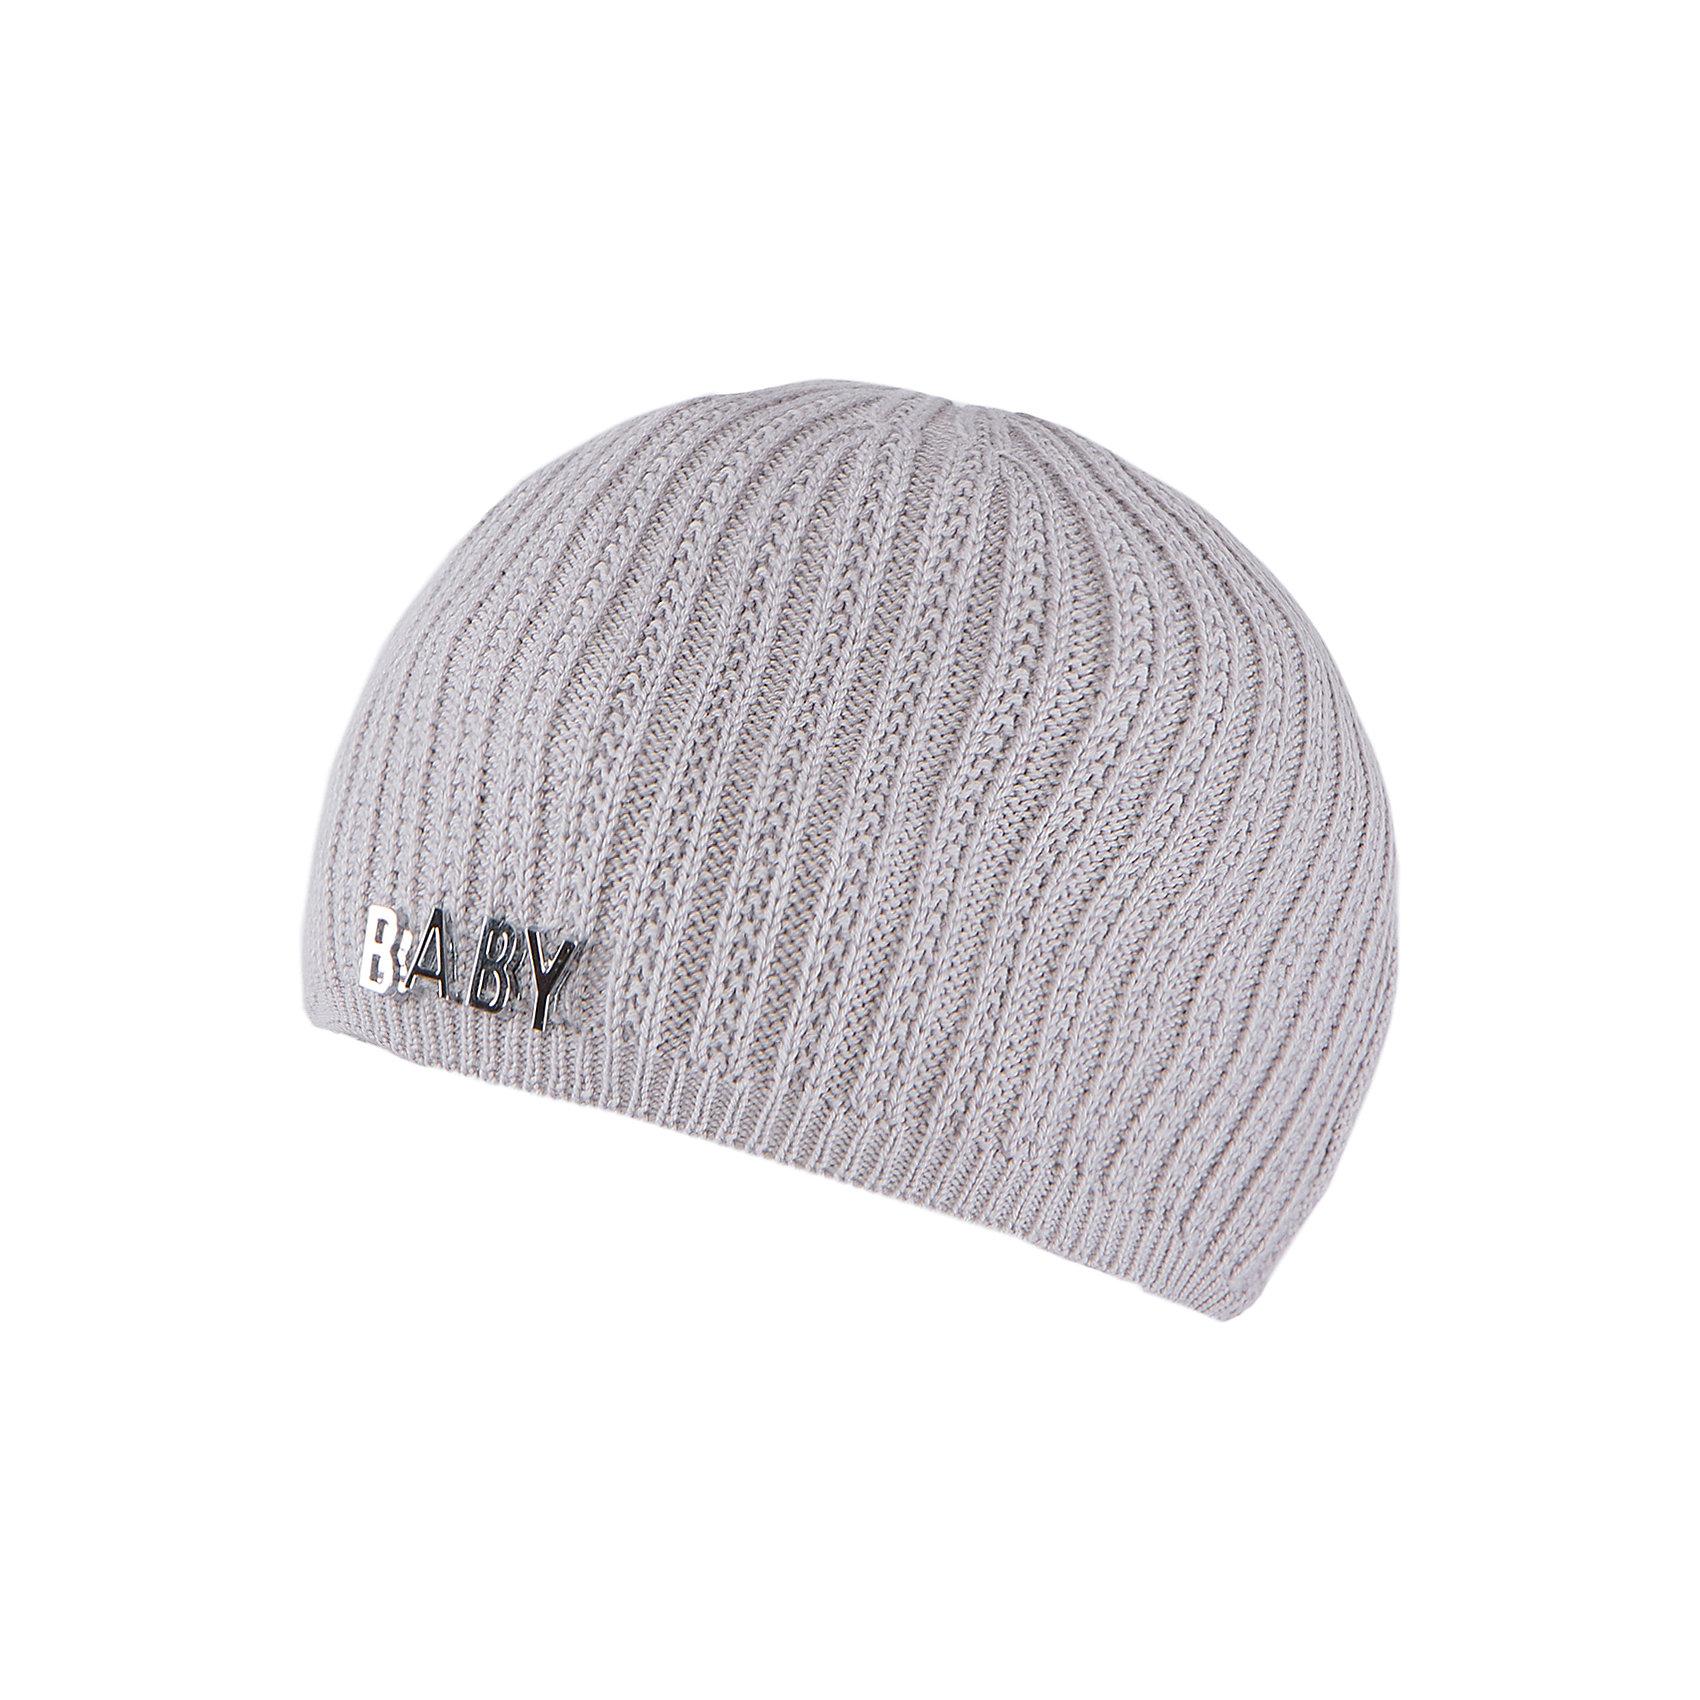 Шапка АртельШапочки<br>Шапка от торговой марки Артель <br><br>Мягкая хлопковая шапка отлично смотрится на детях и комфортно сидит.  Изделие выполнено из качественных натуральных материалов.<br>Одежда от бренда Артель – это высокое качество по приемлемой цене и всегда продуманный дизайн. <br><br>Особенности модели: <br>- цвет — серый; <br>- вязка лапшой; <br>- материал - натуральный хлопок. <br><br>Дополнительная информация: <br><br>Состав: 100% хлопок.<br><br>Температурный режим: <br>от 0 °C до +15 °C <br><br>Шапку Артель (Artel) можно купить в нашем магазине.<br><br>Ширина мм: 89<br>Глубина мм: 117<br>Высота мм: 44<br>Вес г: 155<br>Цвет: серый<br>Возраст от месяцев: 3<br>Возраст до месяцев: 4<br>Пол: Унисекс<br>Возраст: Детский<br>Размер: 42,46,44<br>SKU: 4500737